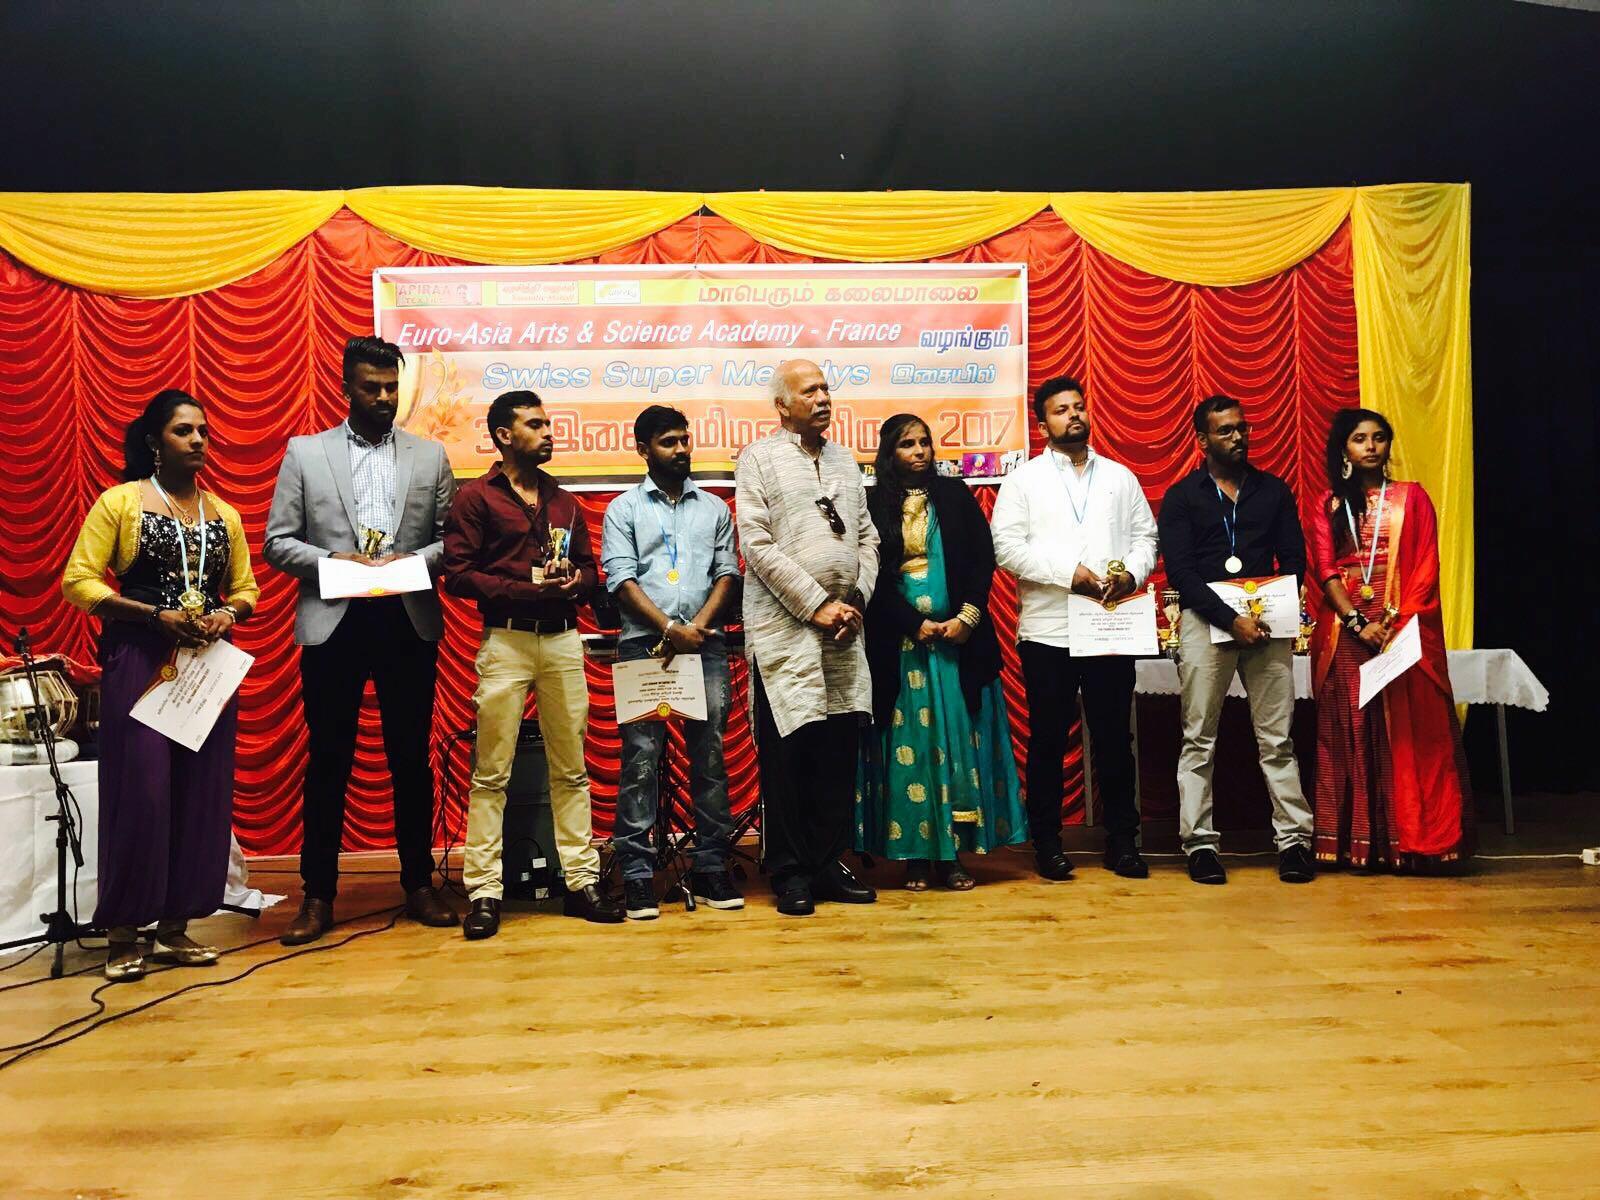 தனுக்குட்டி கலைப் பயணத்தில் கிடைக்கப்பெற்ற ஜந்தாவது விருது